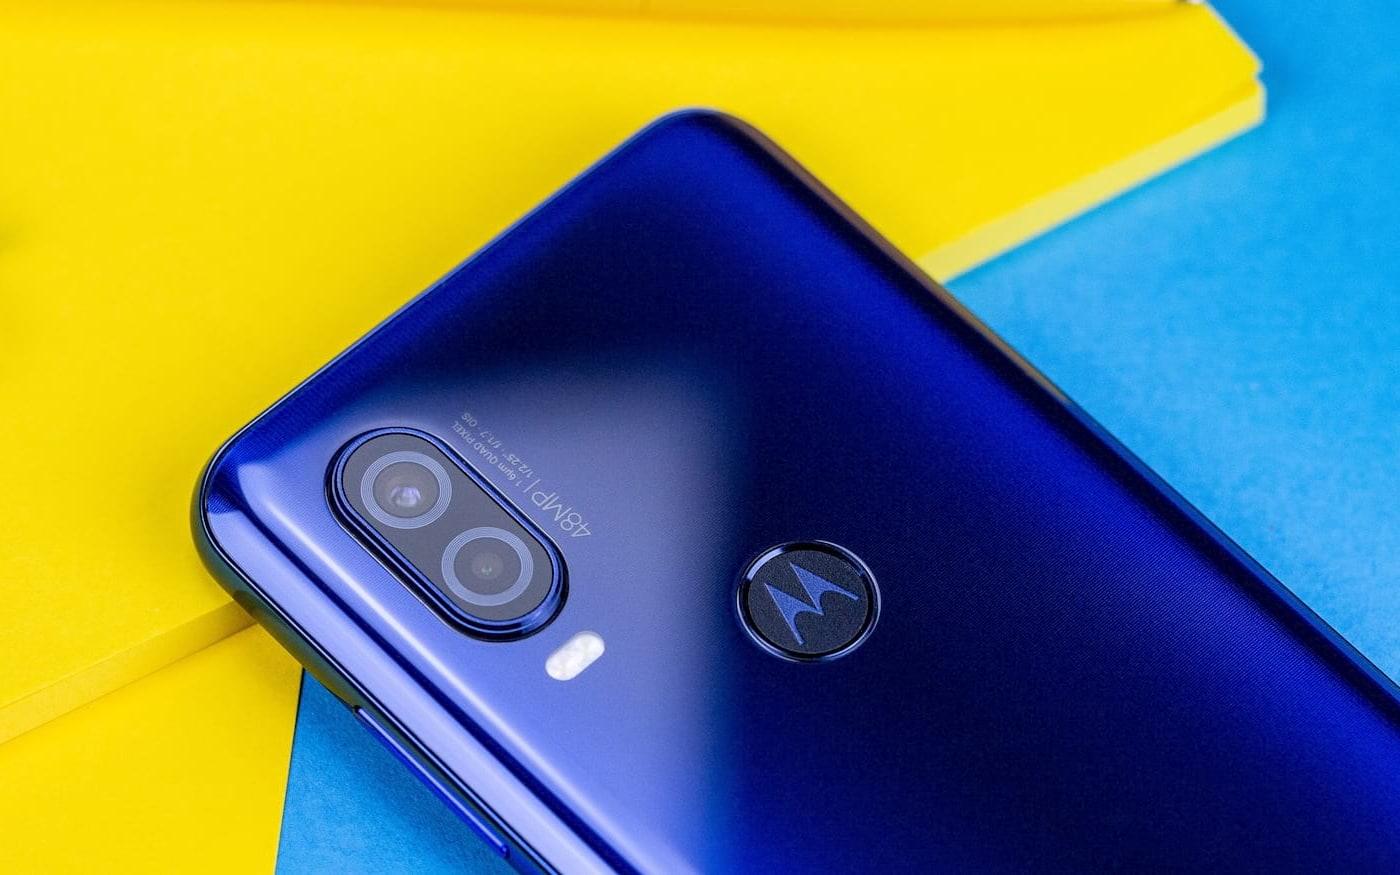 Próximo lançamento da linha Motorola One aparece no Geekbench